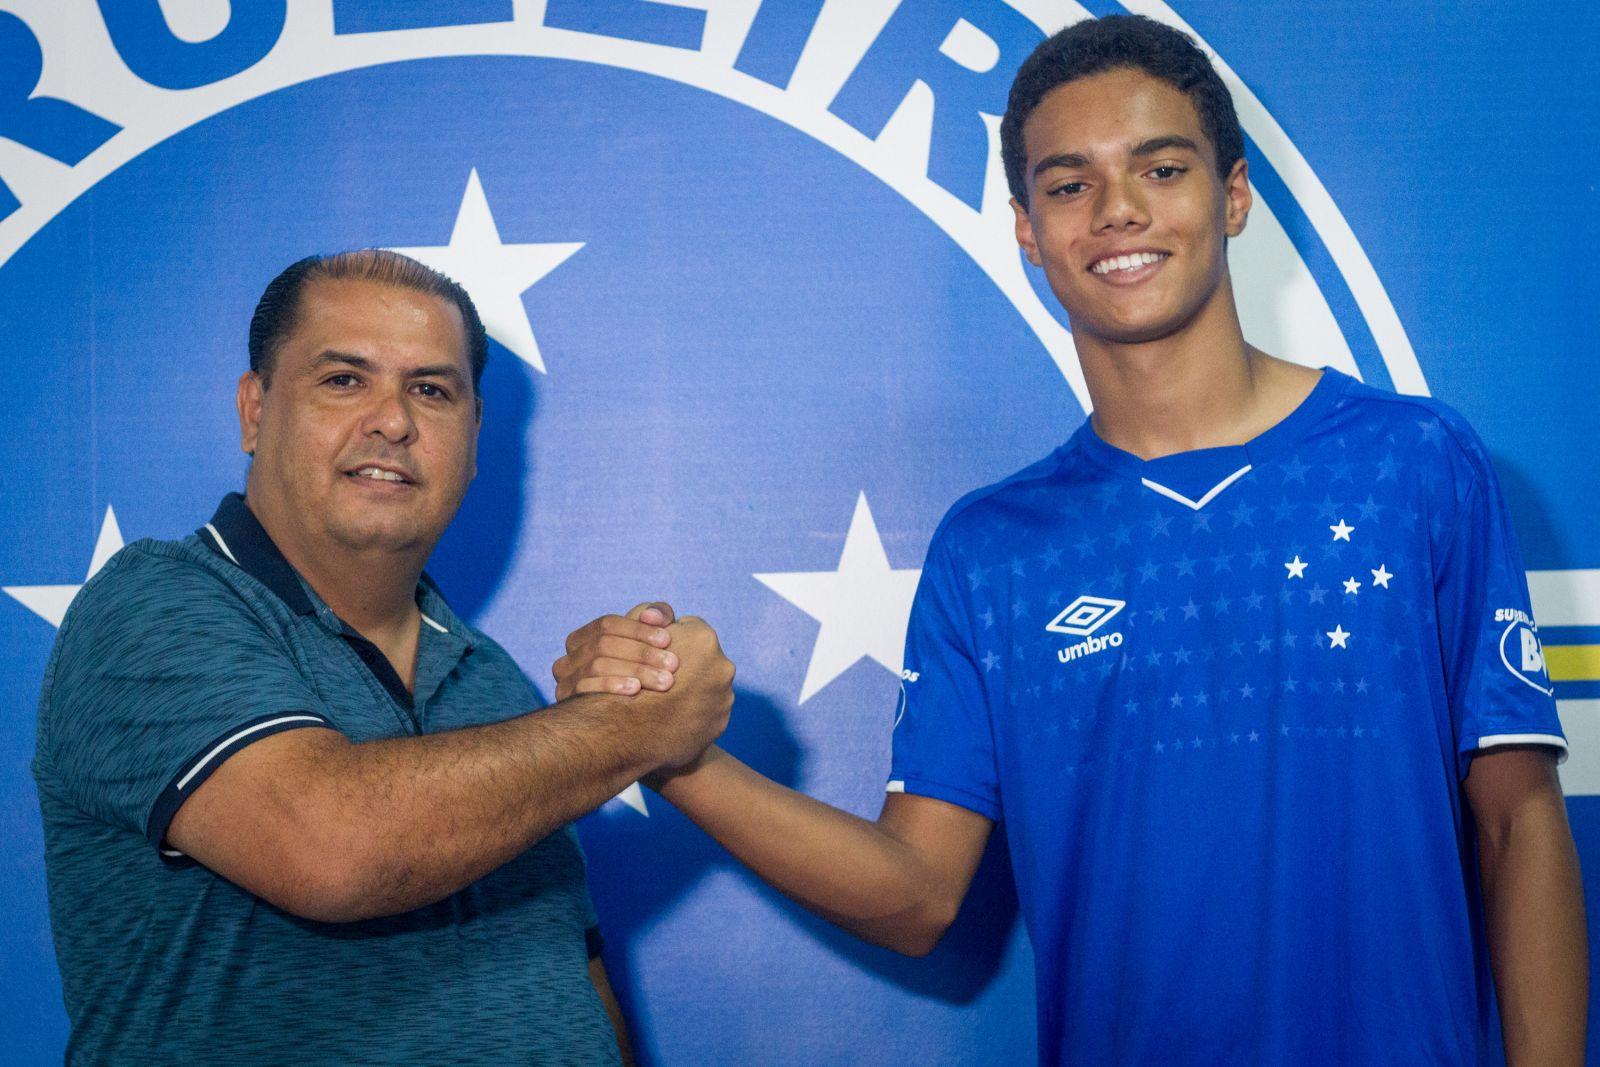 Fiul lui Ronaldinho a semnat primul contract